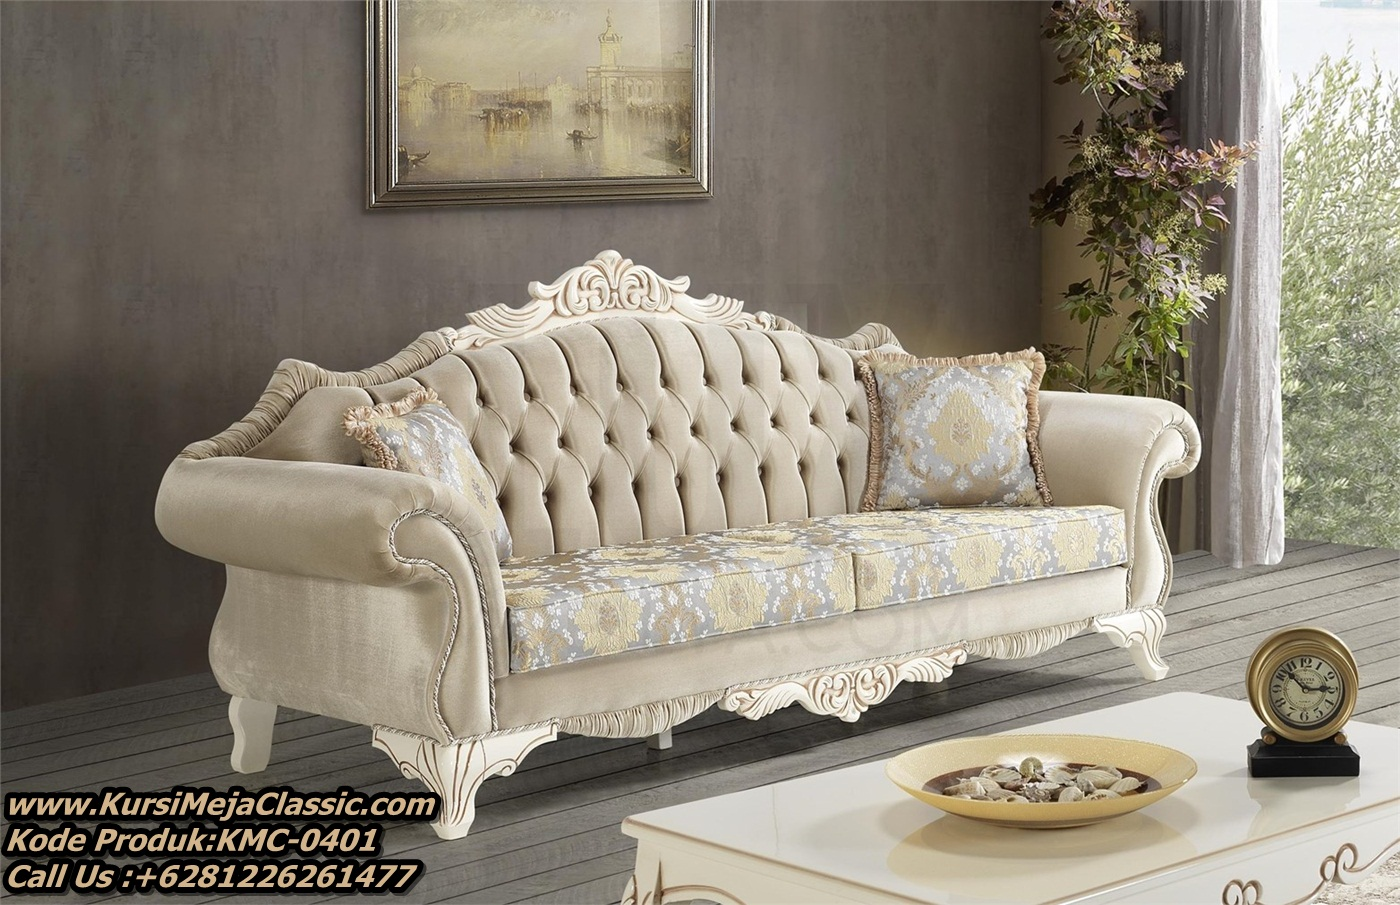 Jual Sofa Tamu Classic Mewah